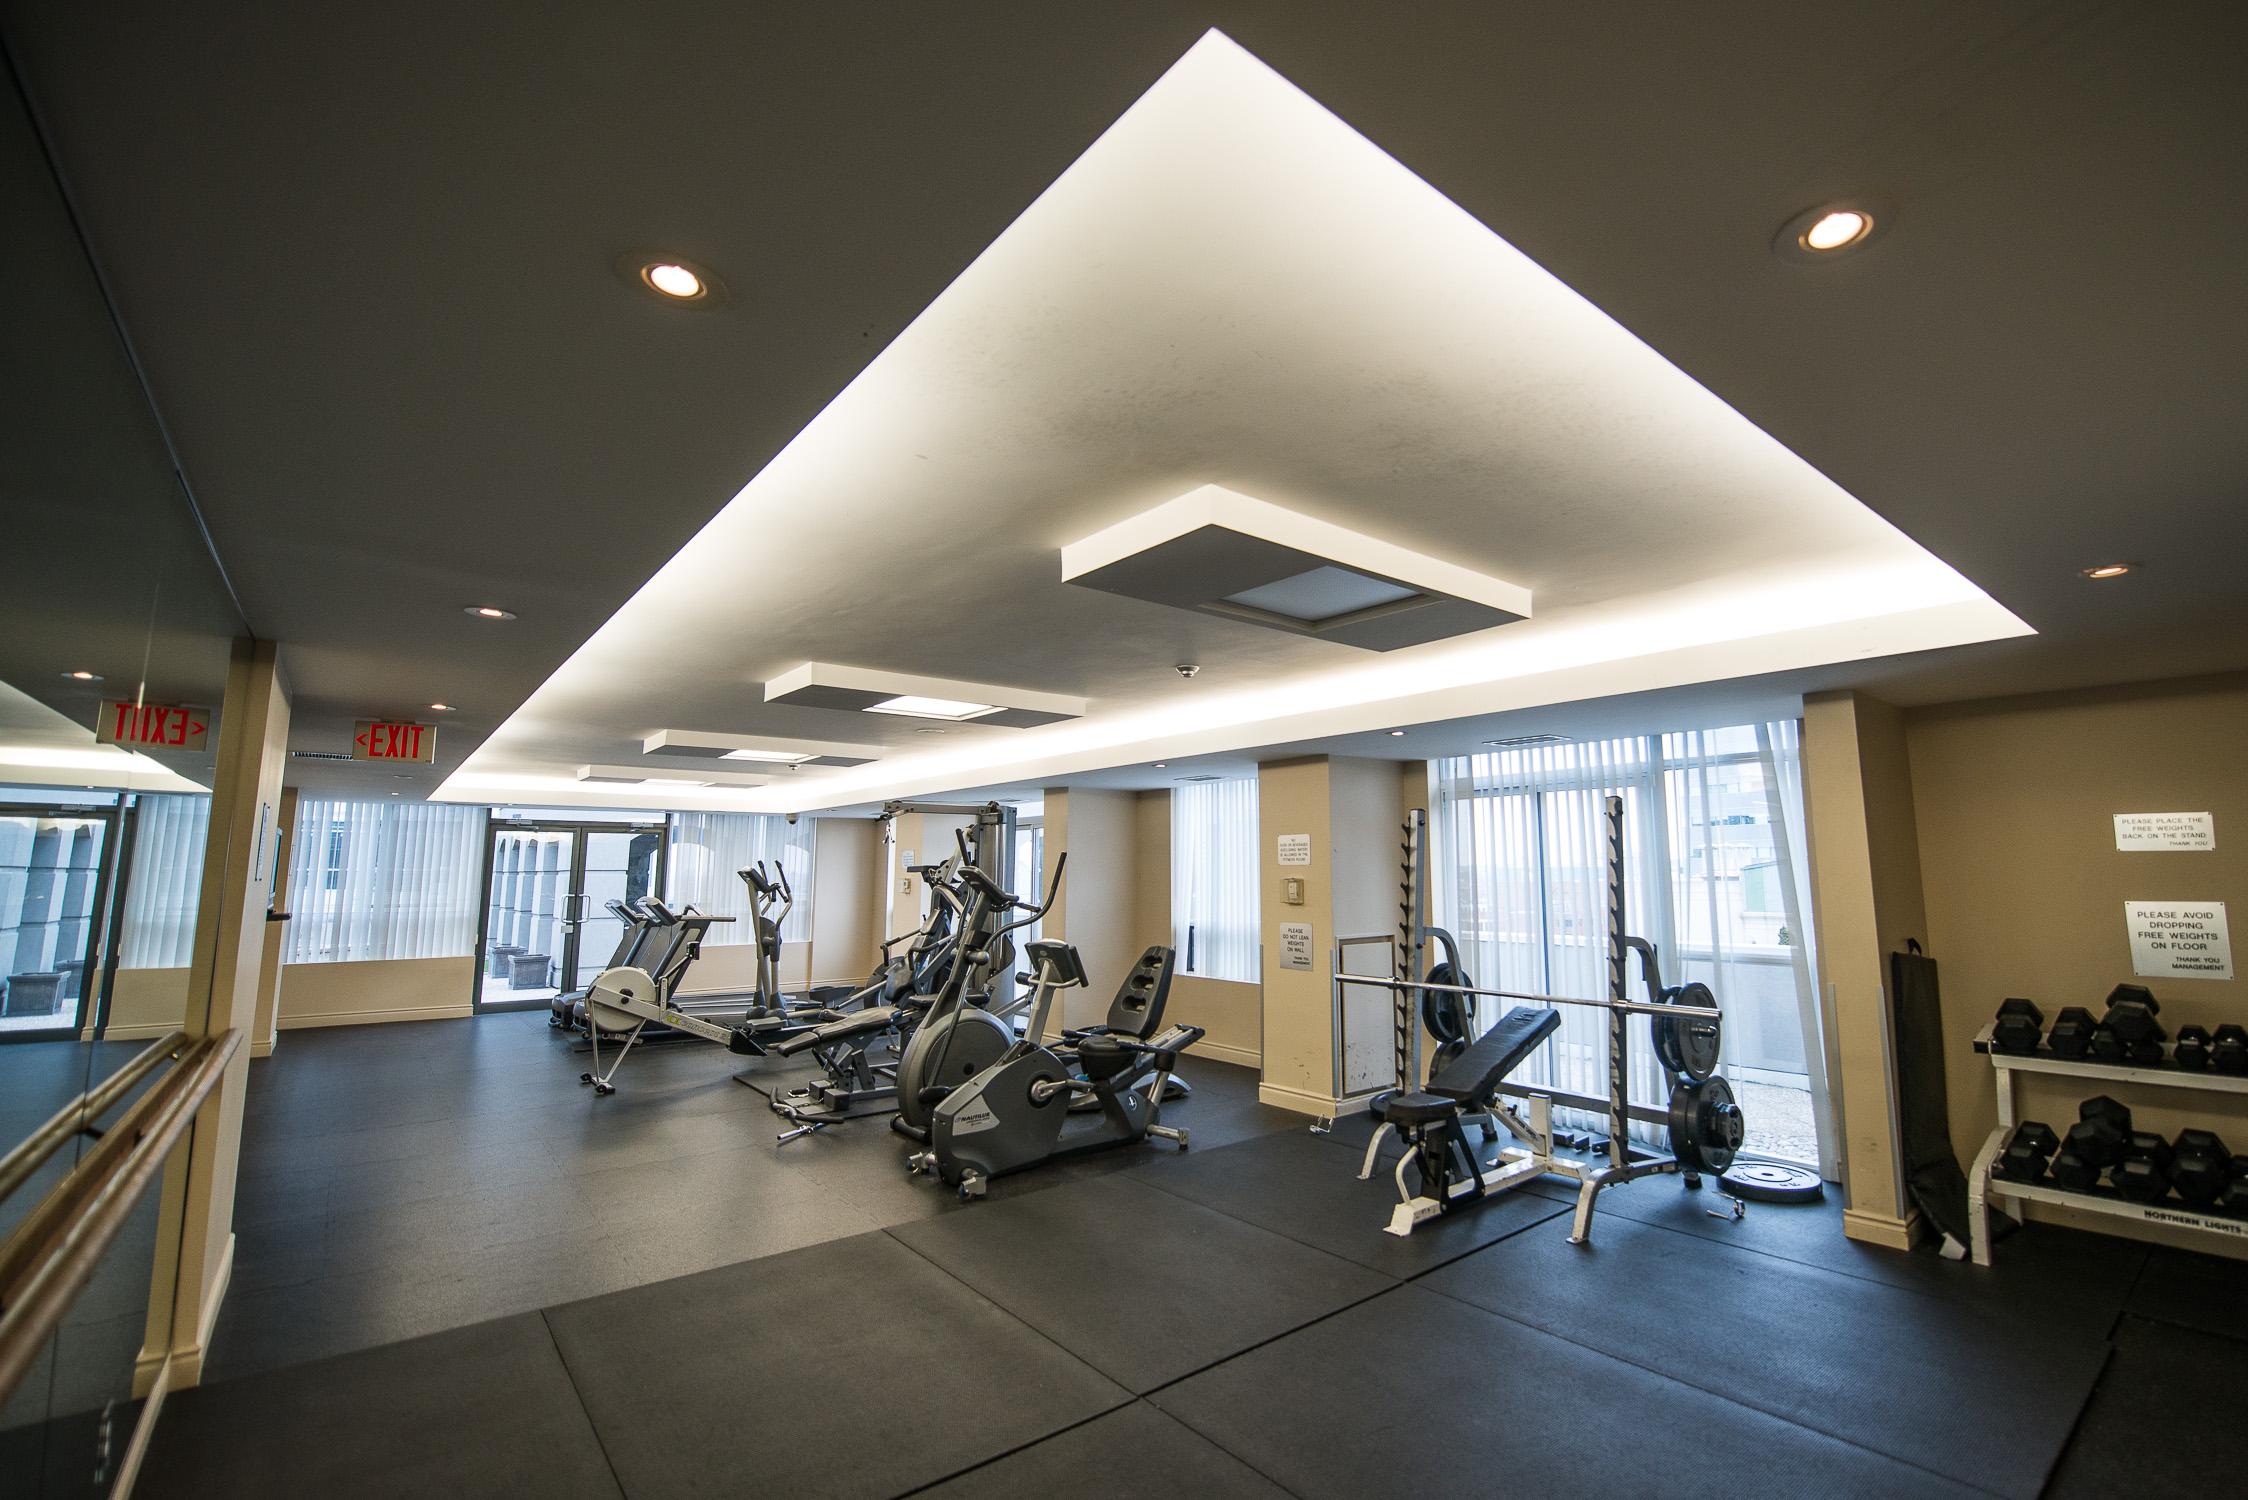 furnished suites toronto university plaza gym